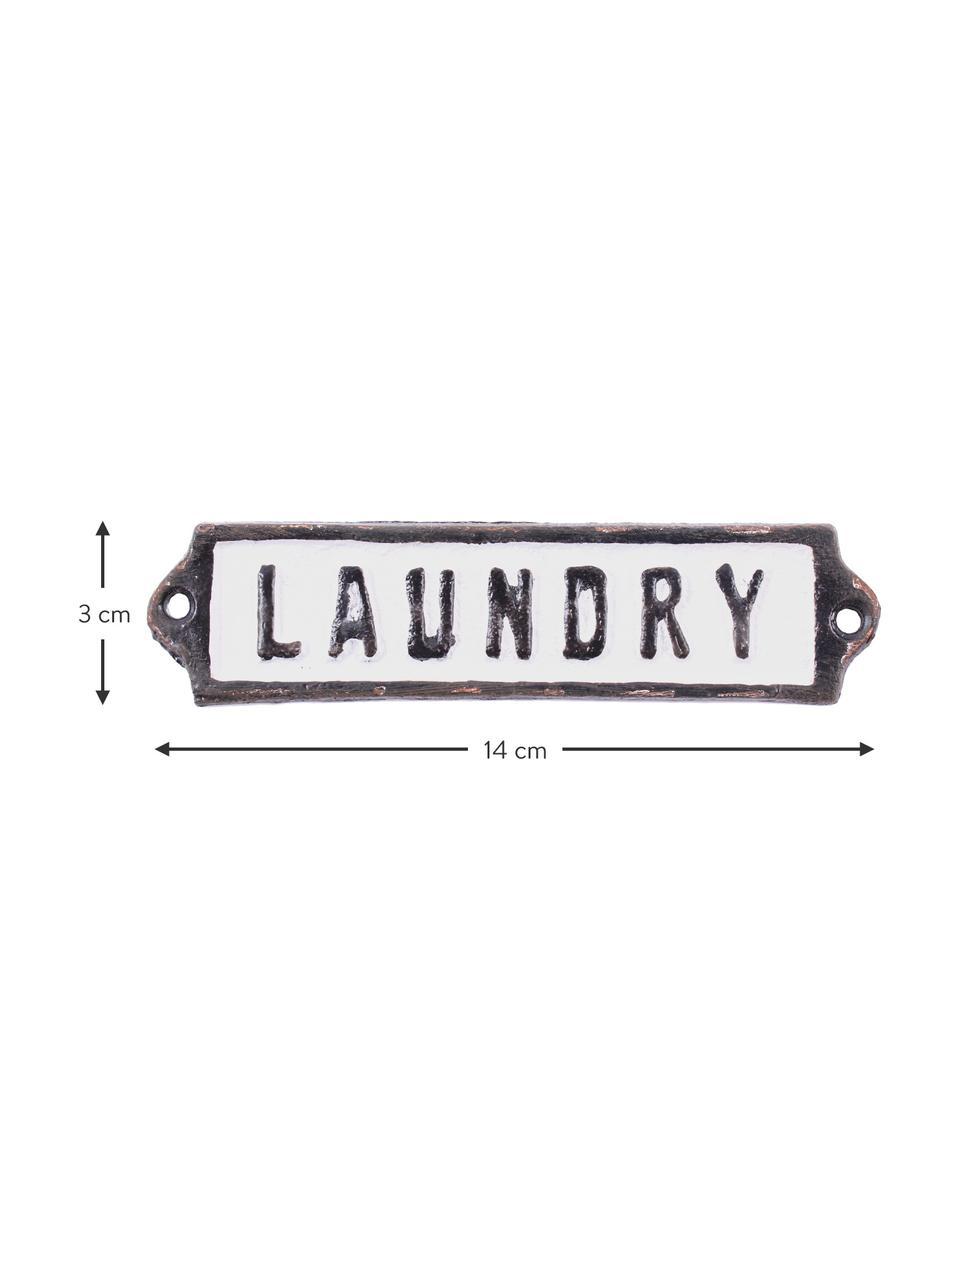 Dekorativní tabule Laundry, Černá, bílá